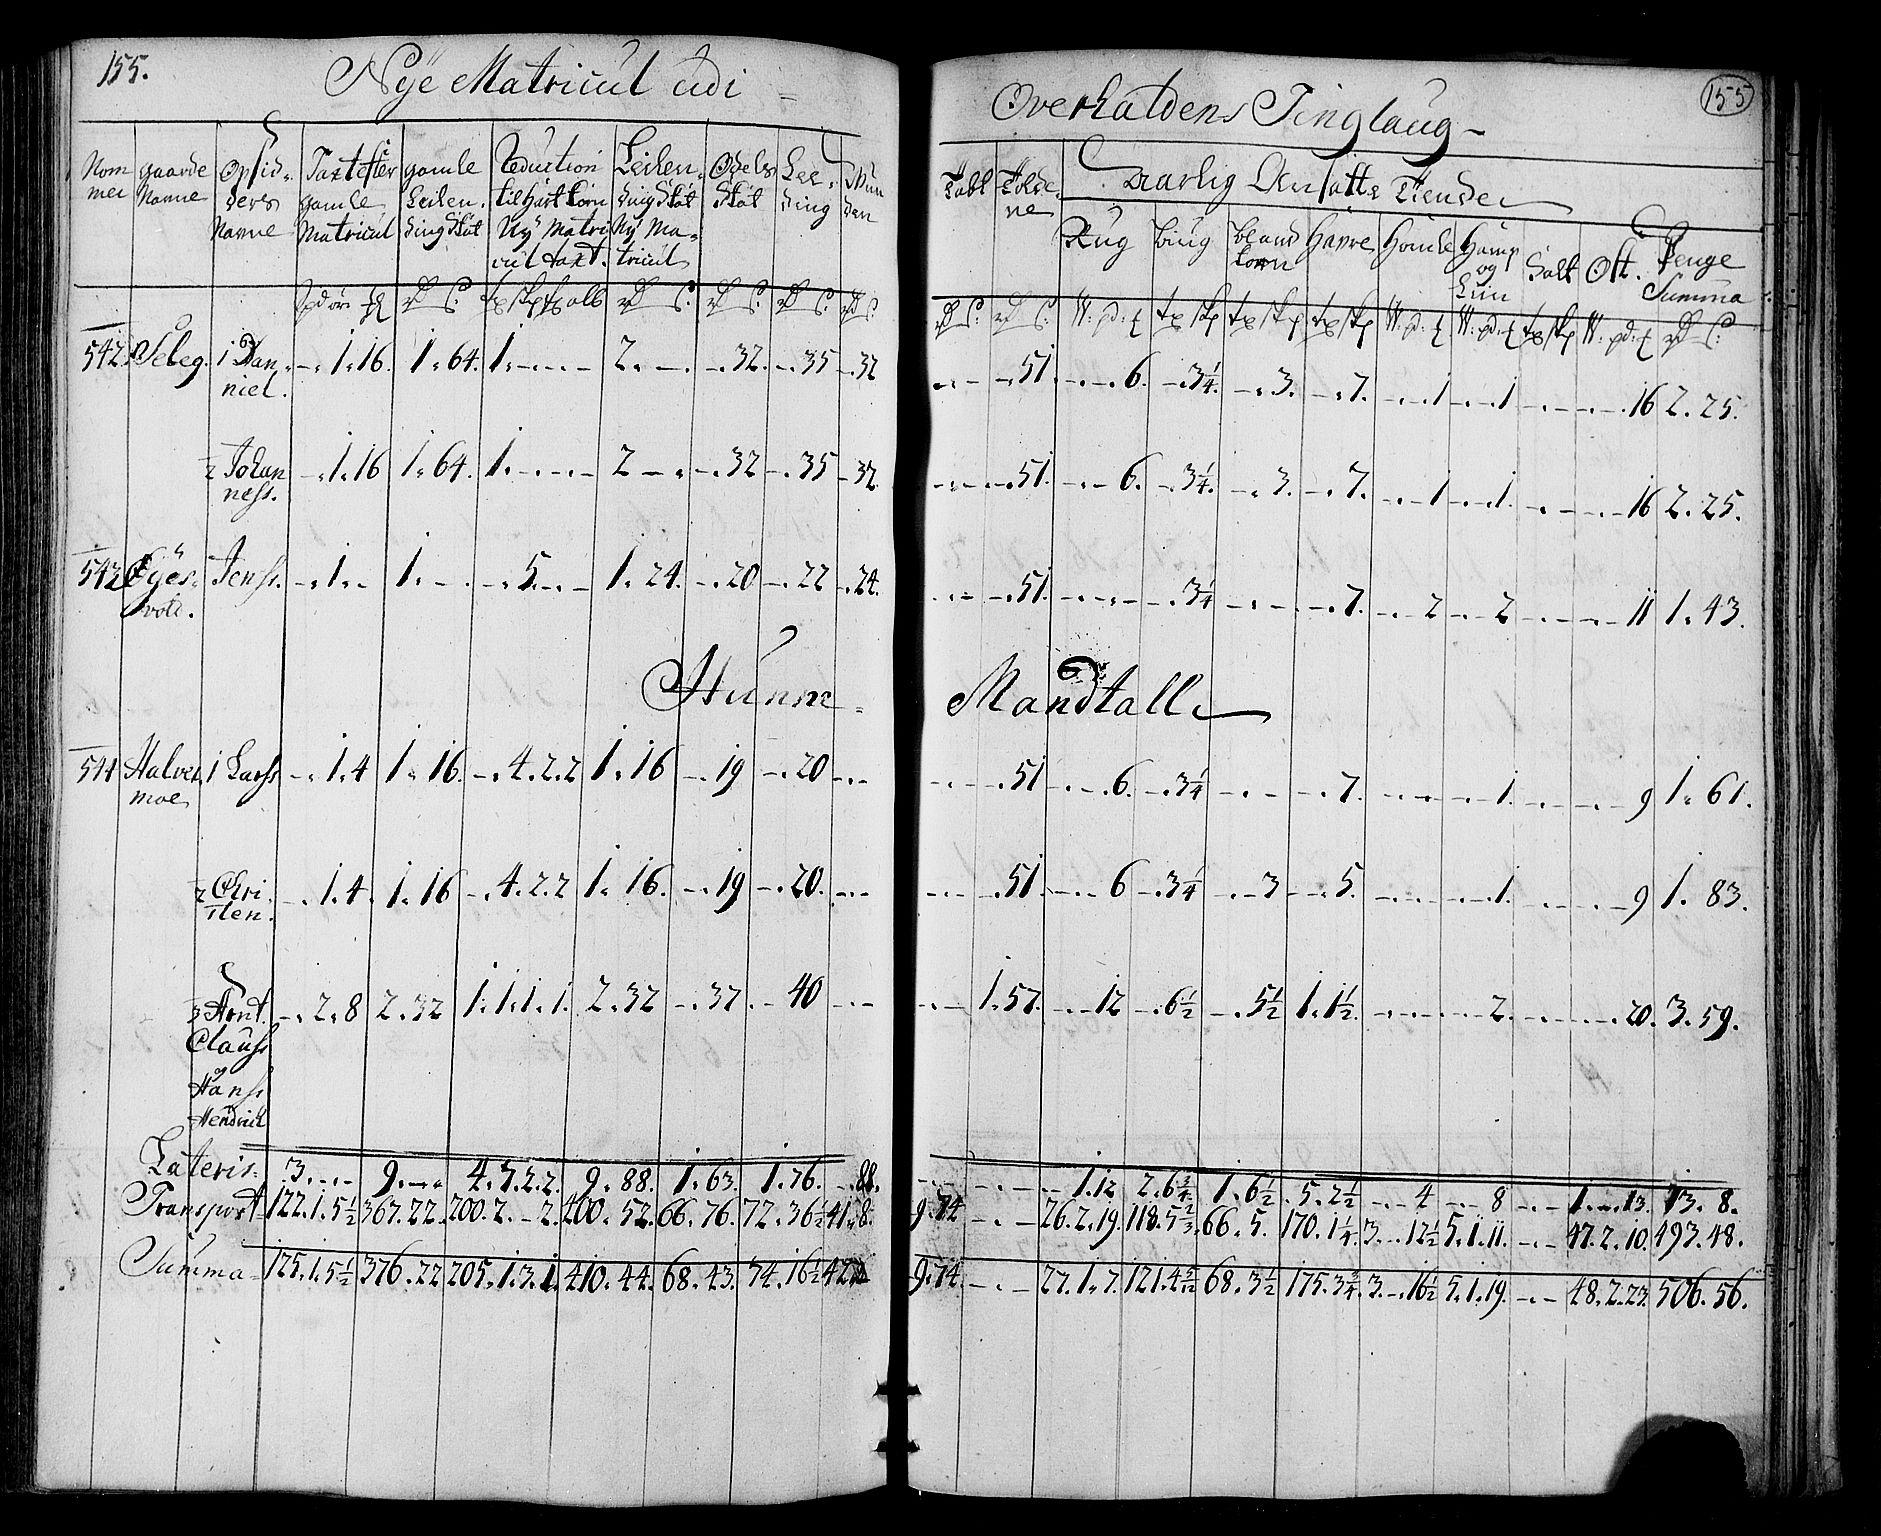 RA, Rentekammeret inntil 1814, Realistisk ordnet avdeling, N/Nb/Nbf/L0169: Namdalen matrikkelprotokoll, 1723, s. 154b-155a